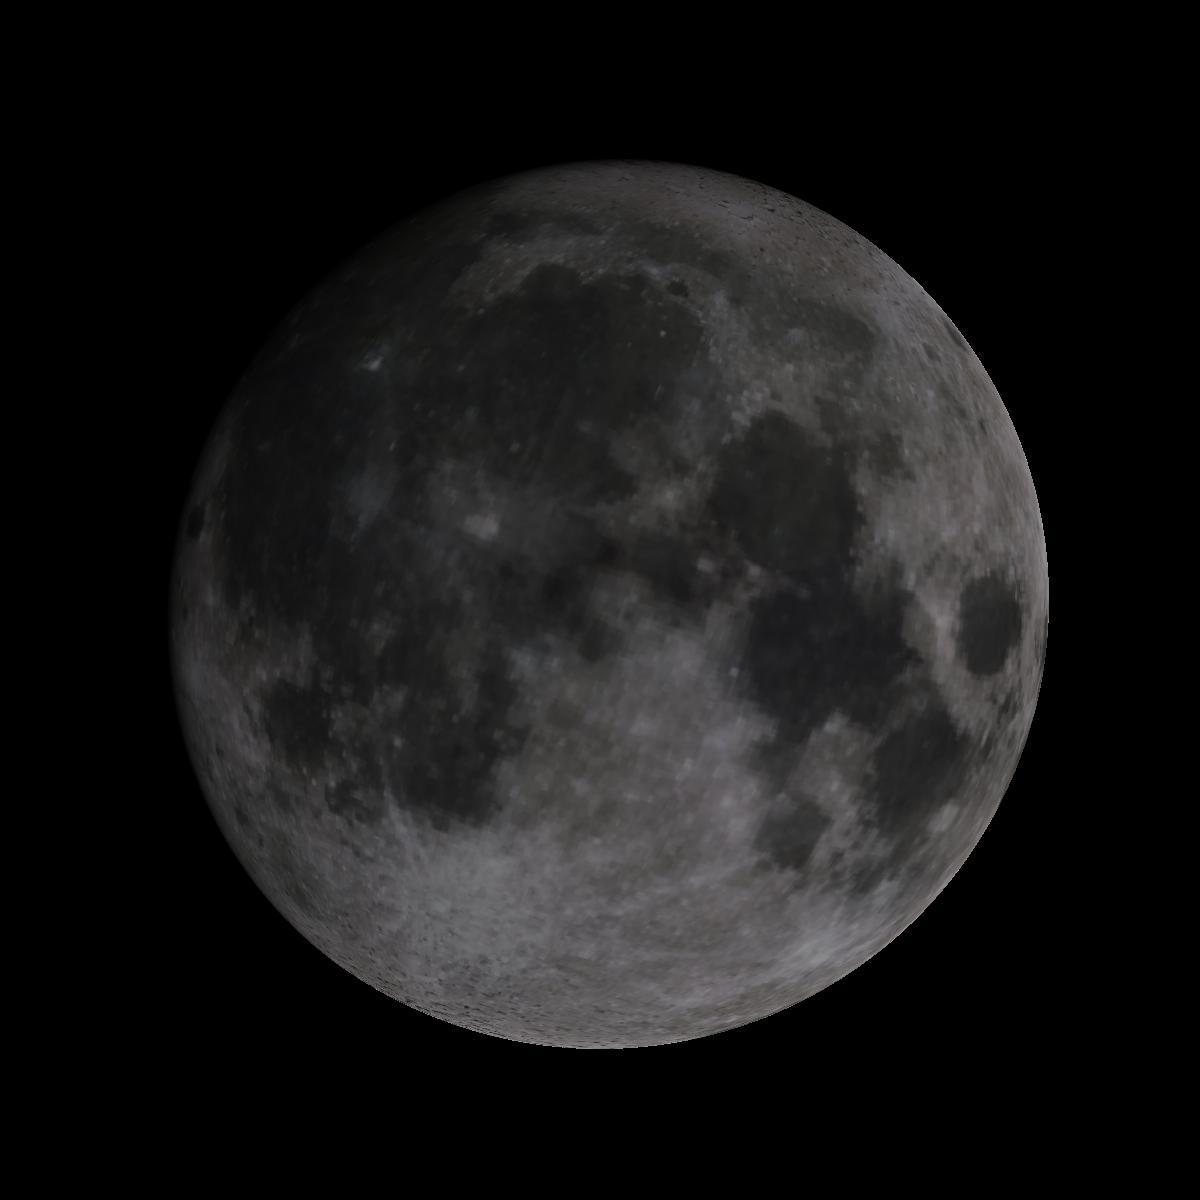 Lune du 11 novembre 2019